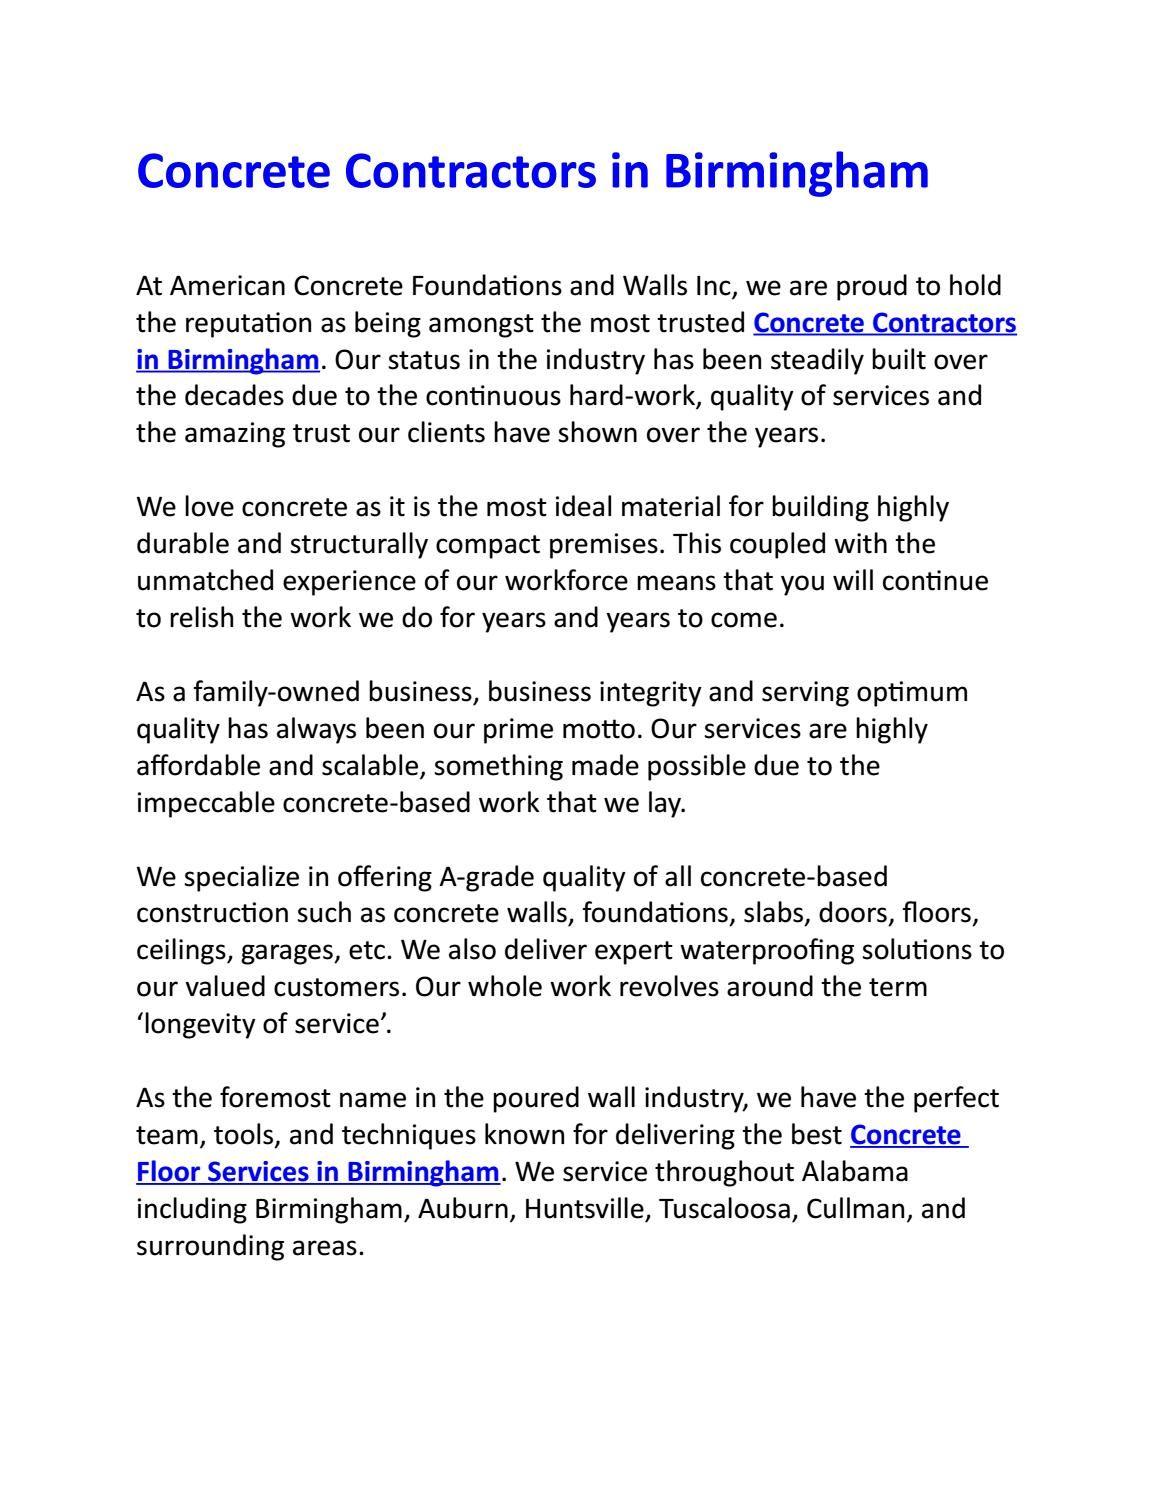 Best Real Concrete Contractors In Birmingham Concrete Contractor Contractors Birmingham